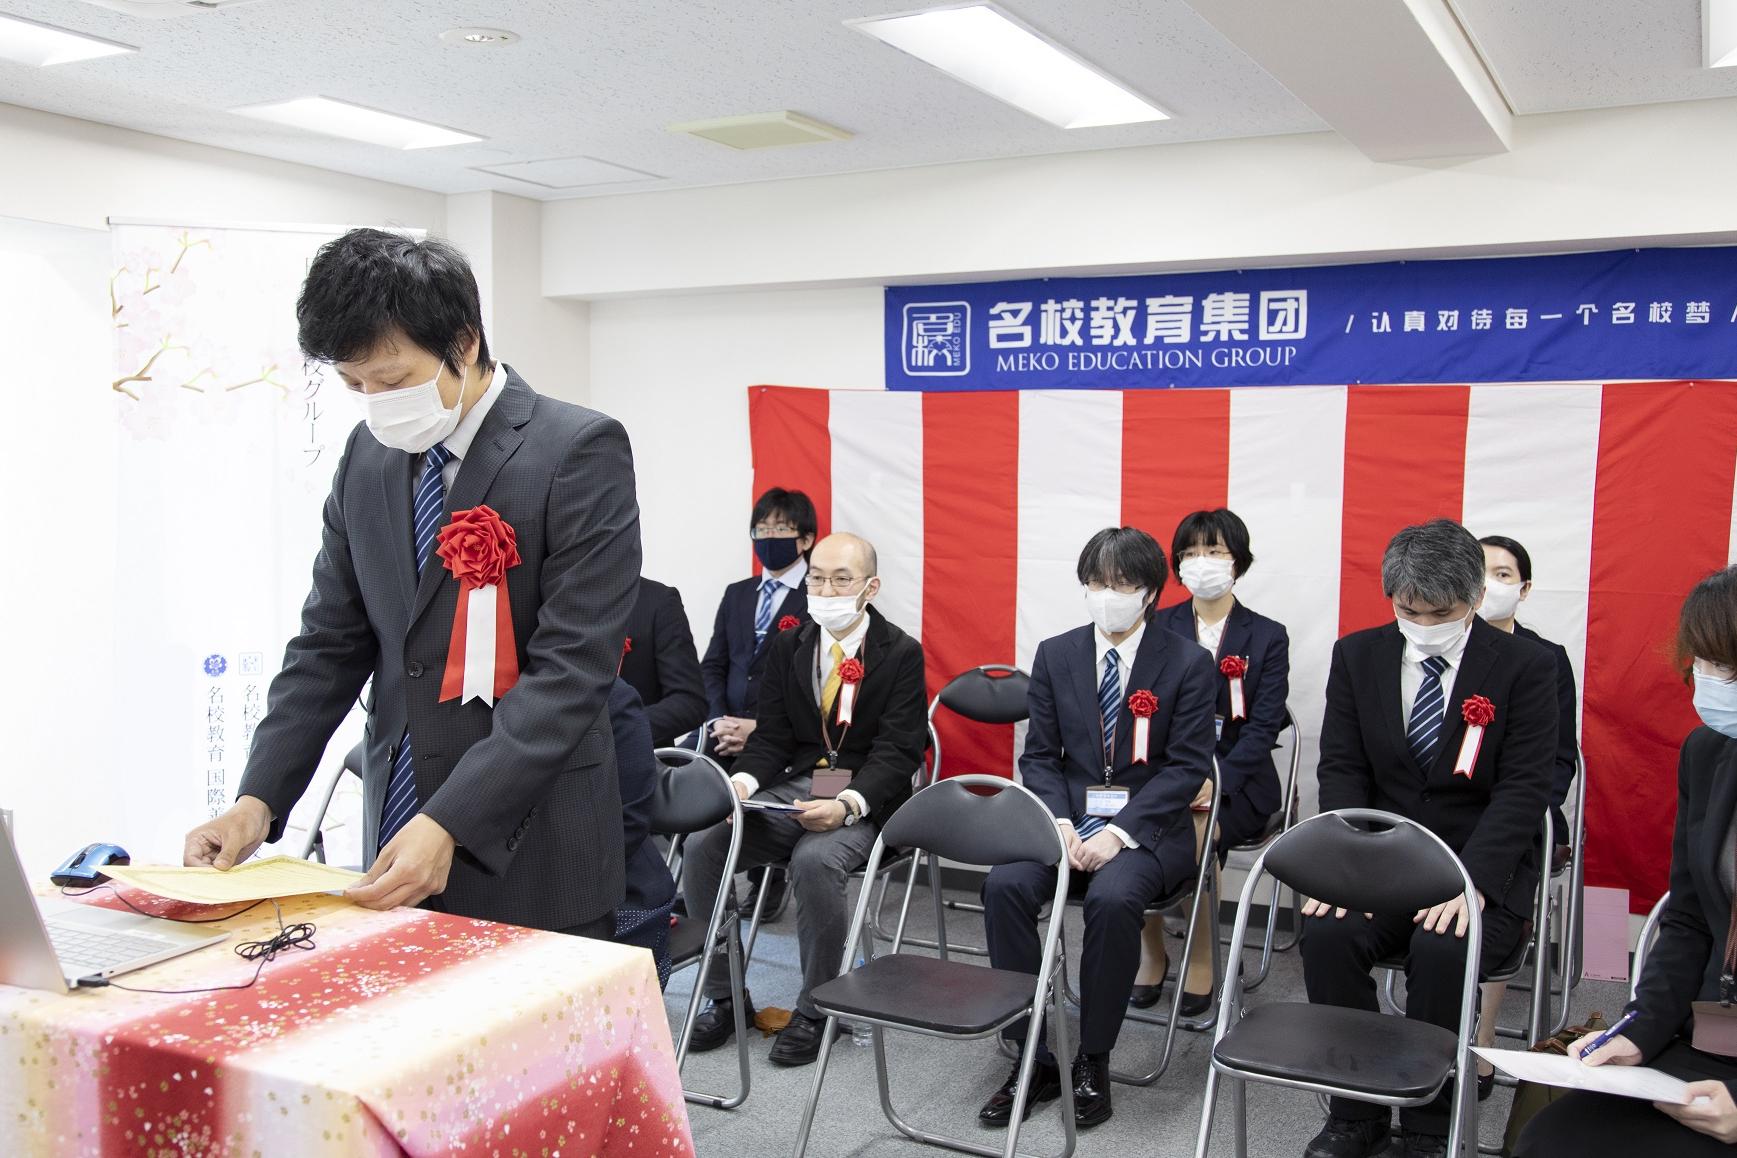 2021年4月12日 入学式 国际善邻学院